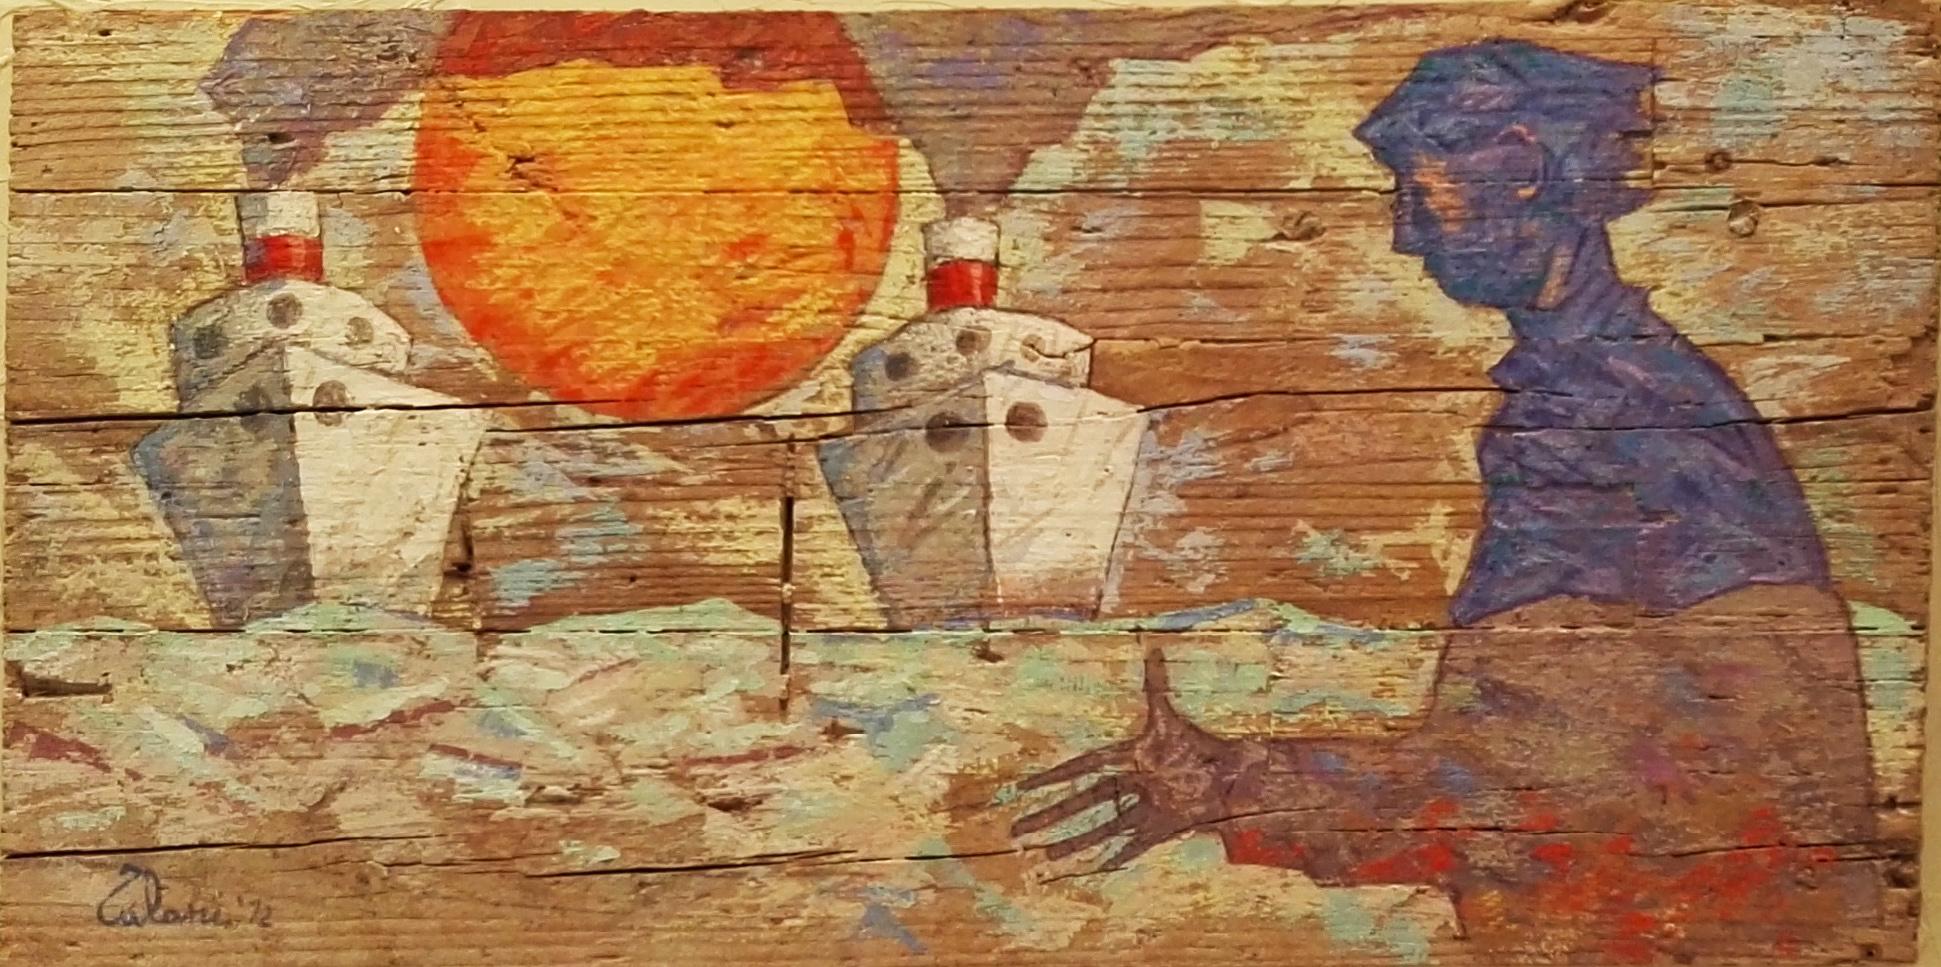 Arrivo di due navi bianche